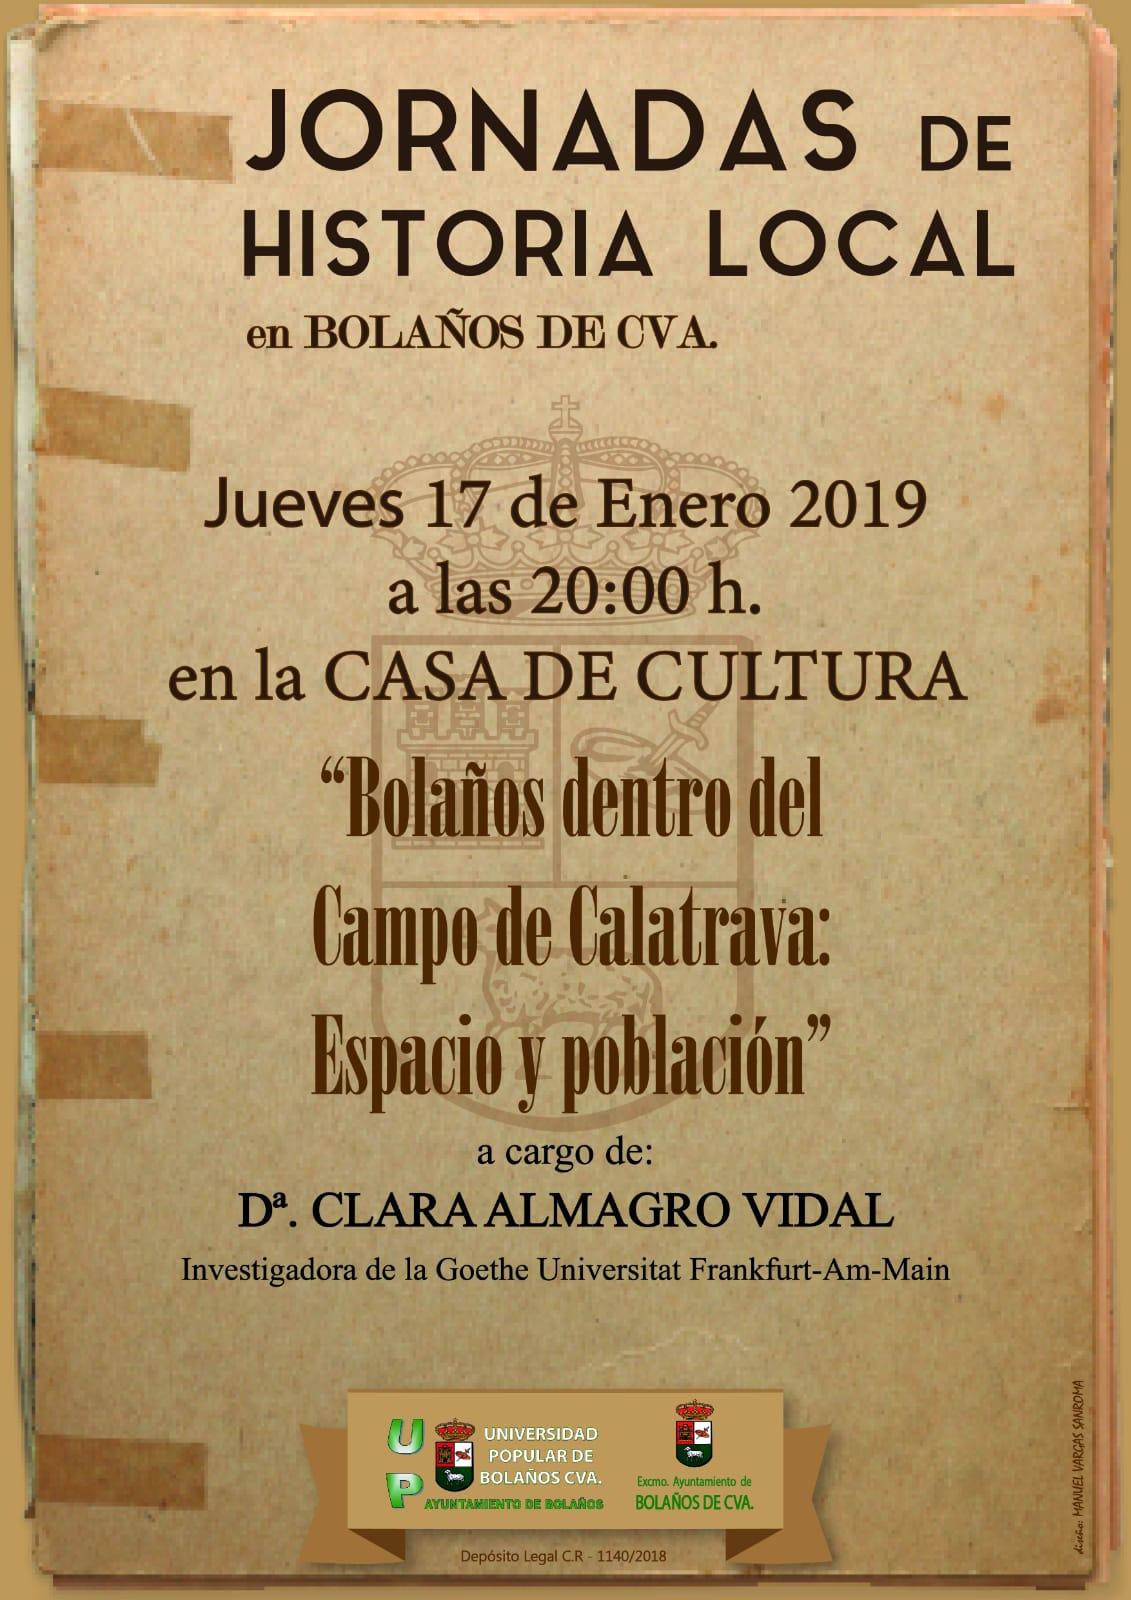 BOLAÑOS DENTRO DEL CAMPO DE CALATRAVA